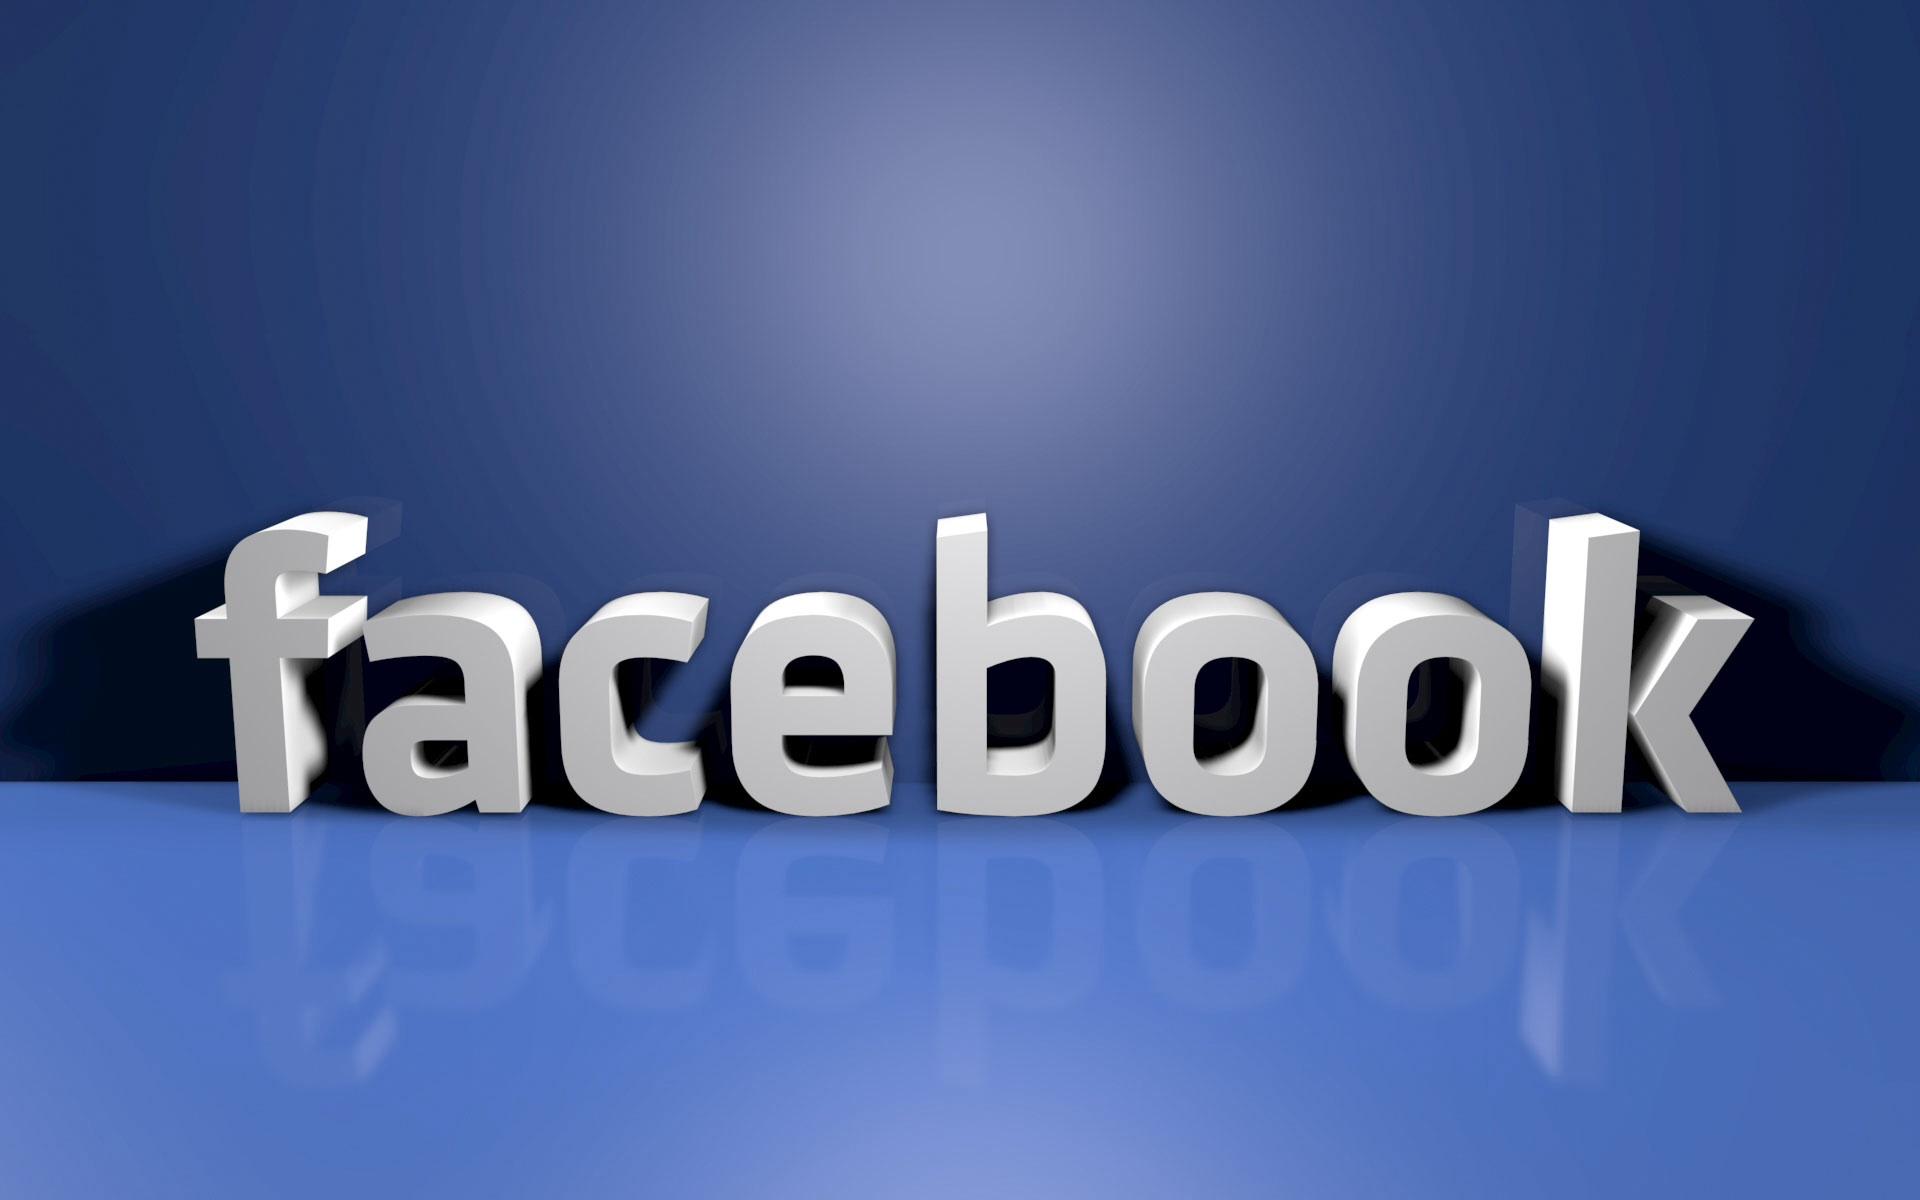 فيسبوك صفحتك الشخصية تشير إلى طبقتك الاجتماعية